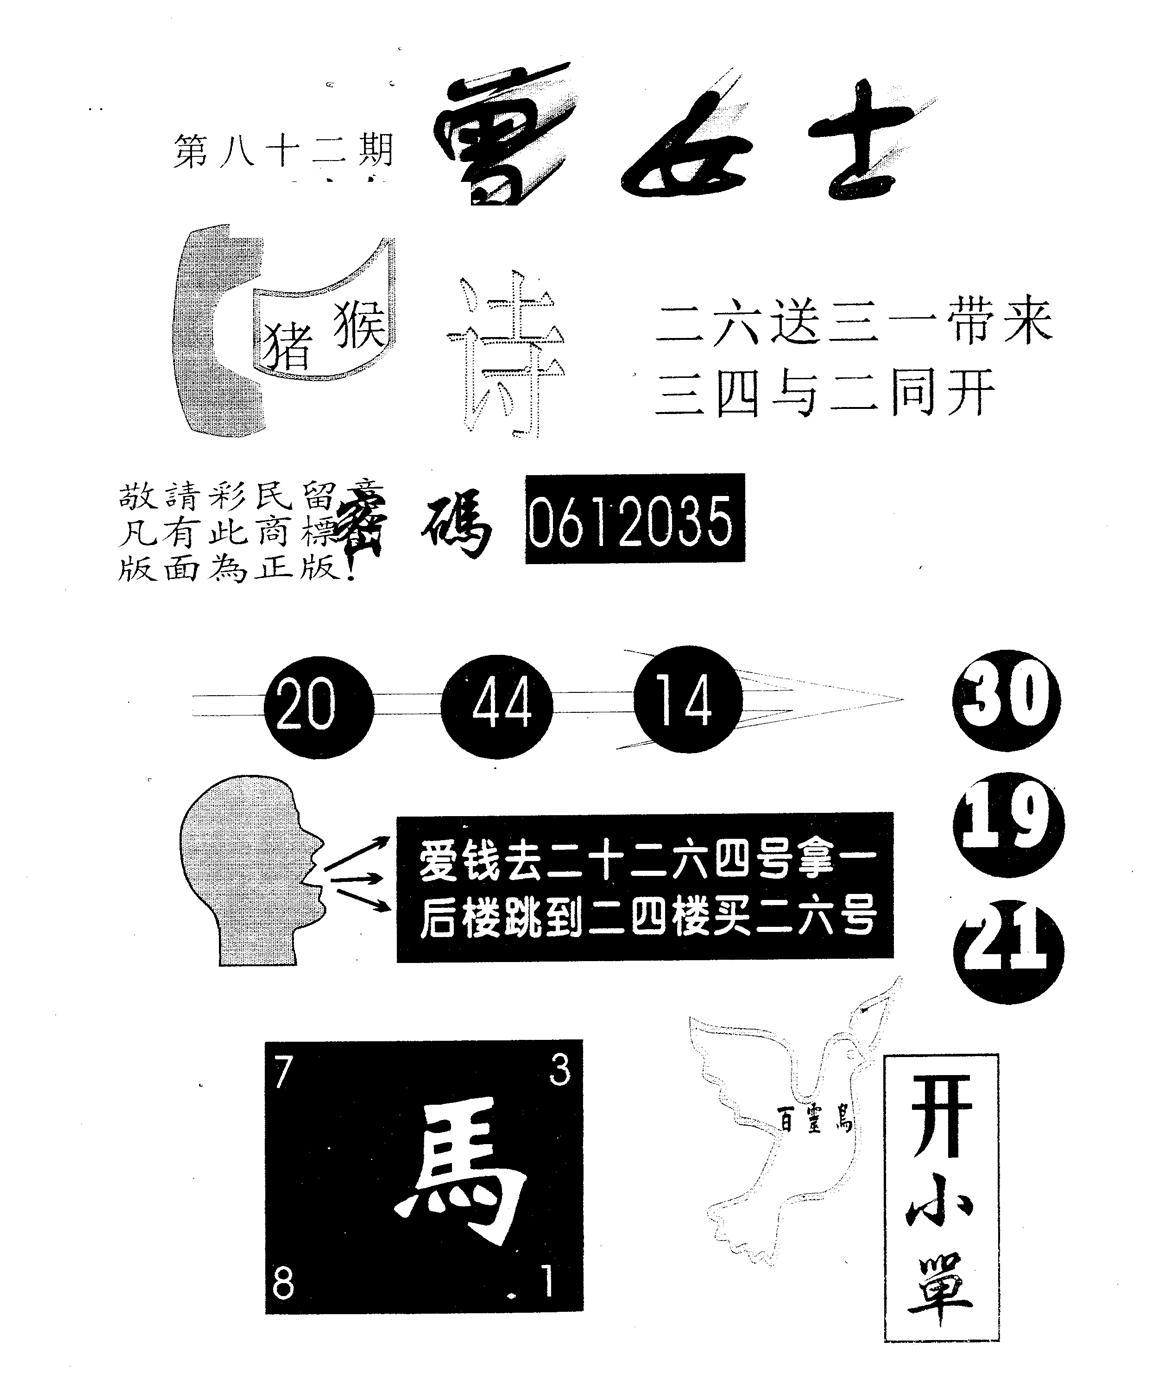 082期另版曾女士百灵鸟(黑白)